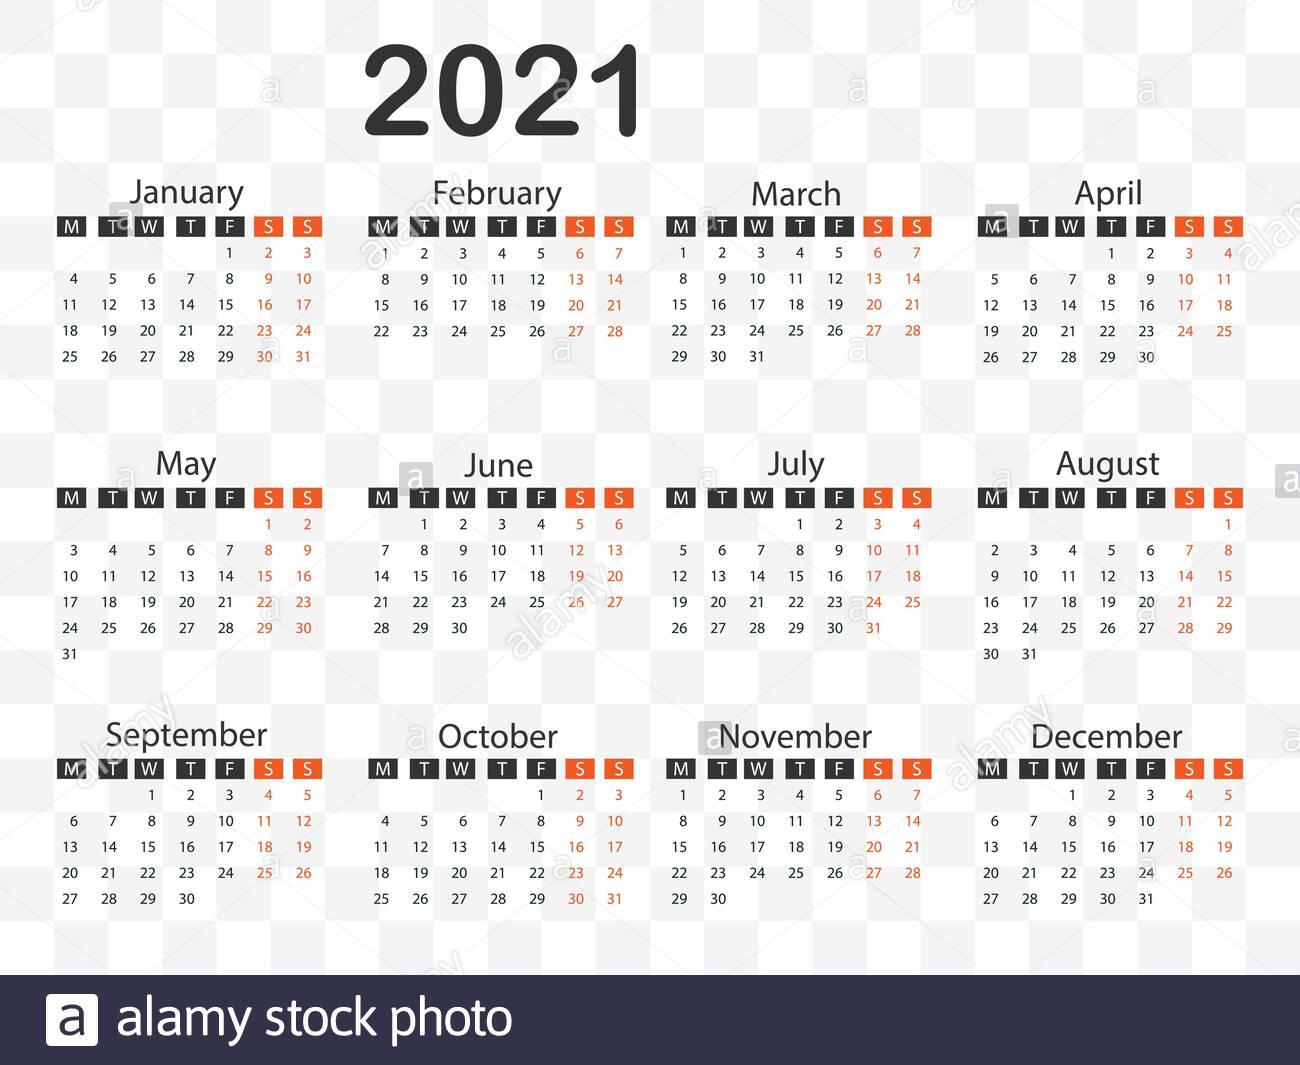 Calendario 2021, La Semana Comienza El Lunes. Ilustración